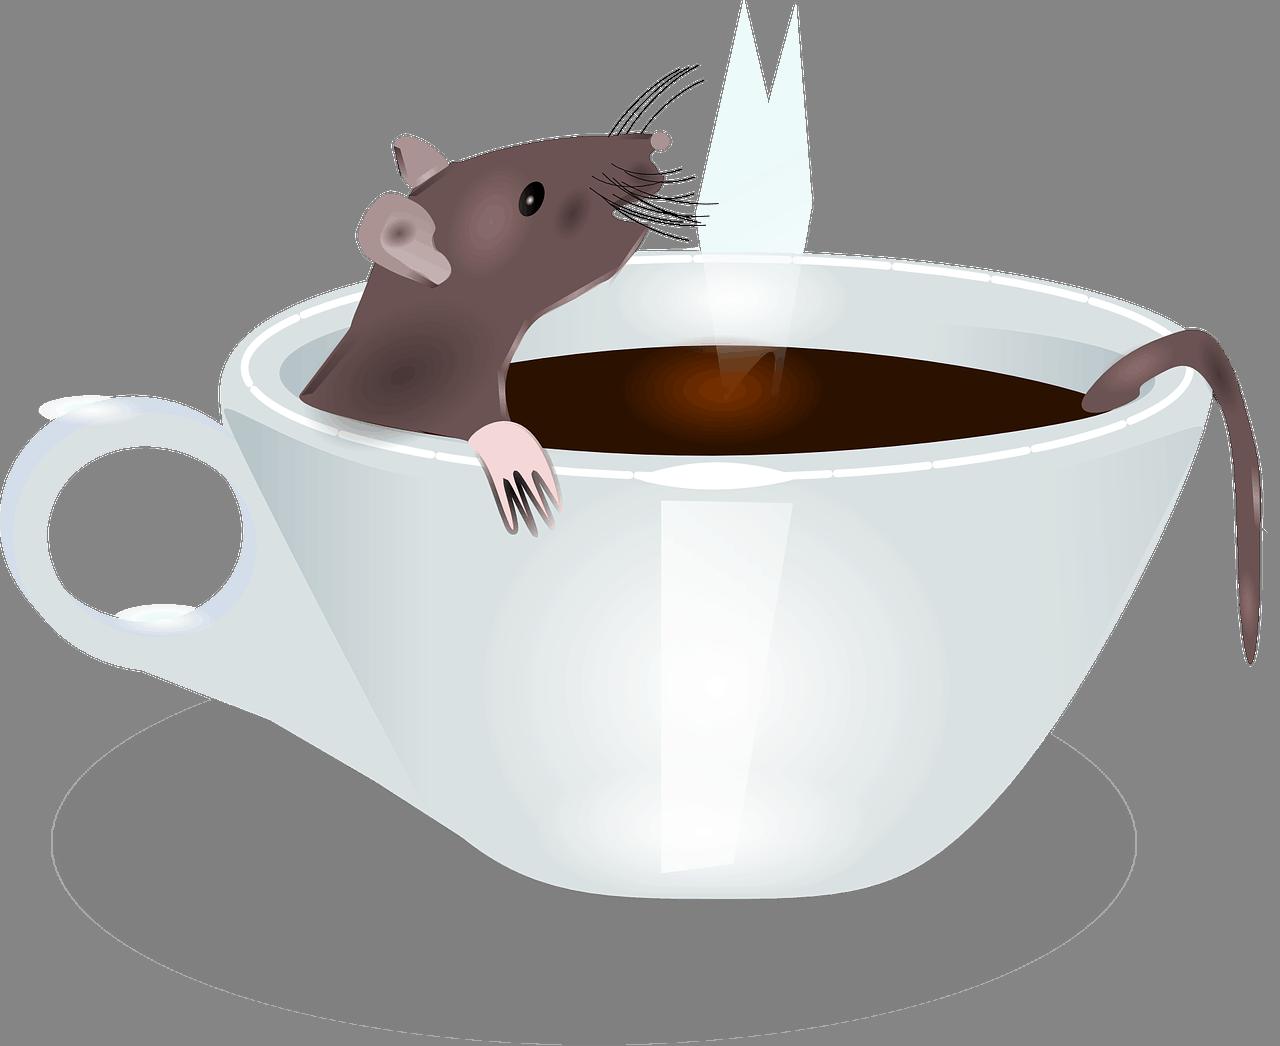 Cómo Deshacerse de los Ratones en el Apartamento: Todo lo que Necesita Saber